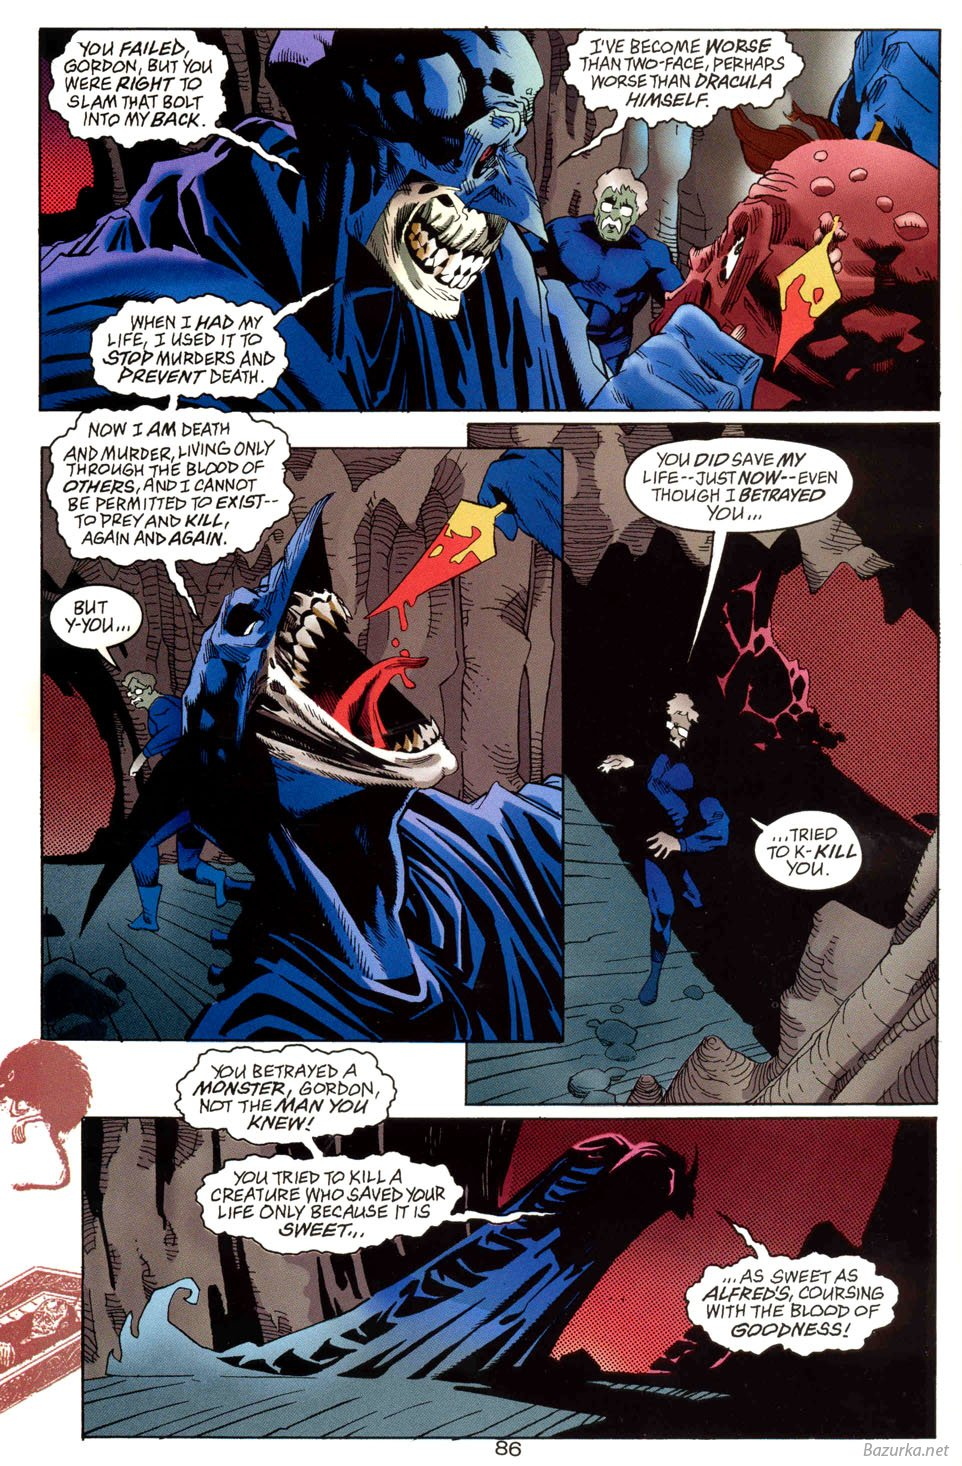 Комиксы О Бэтмене Скачать Торрент